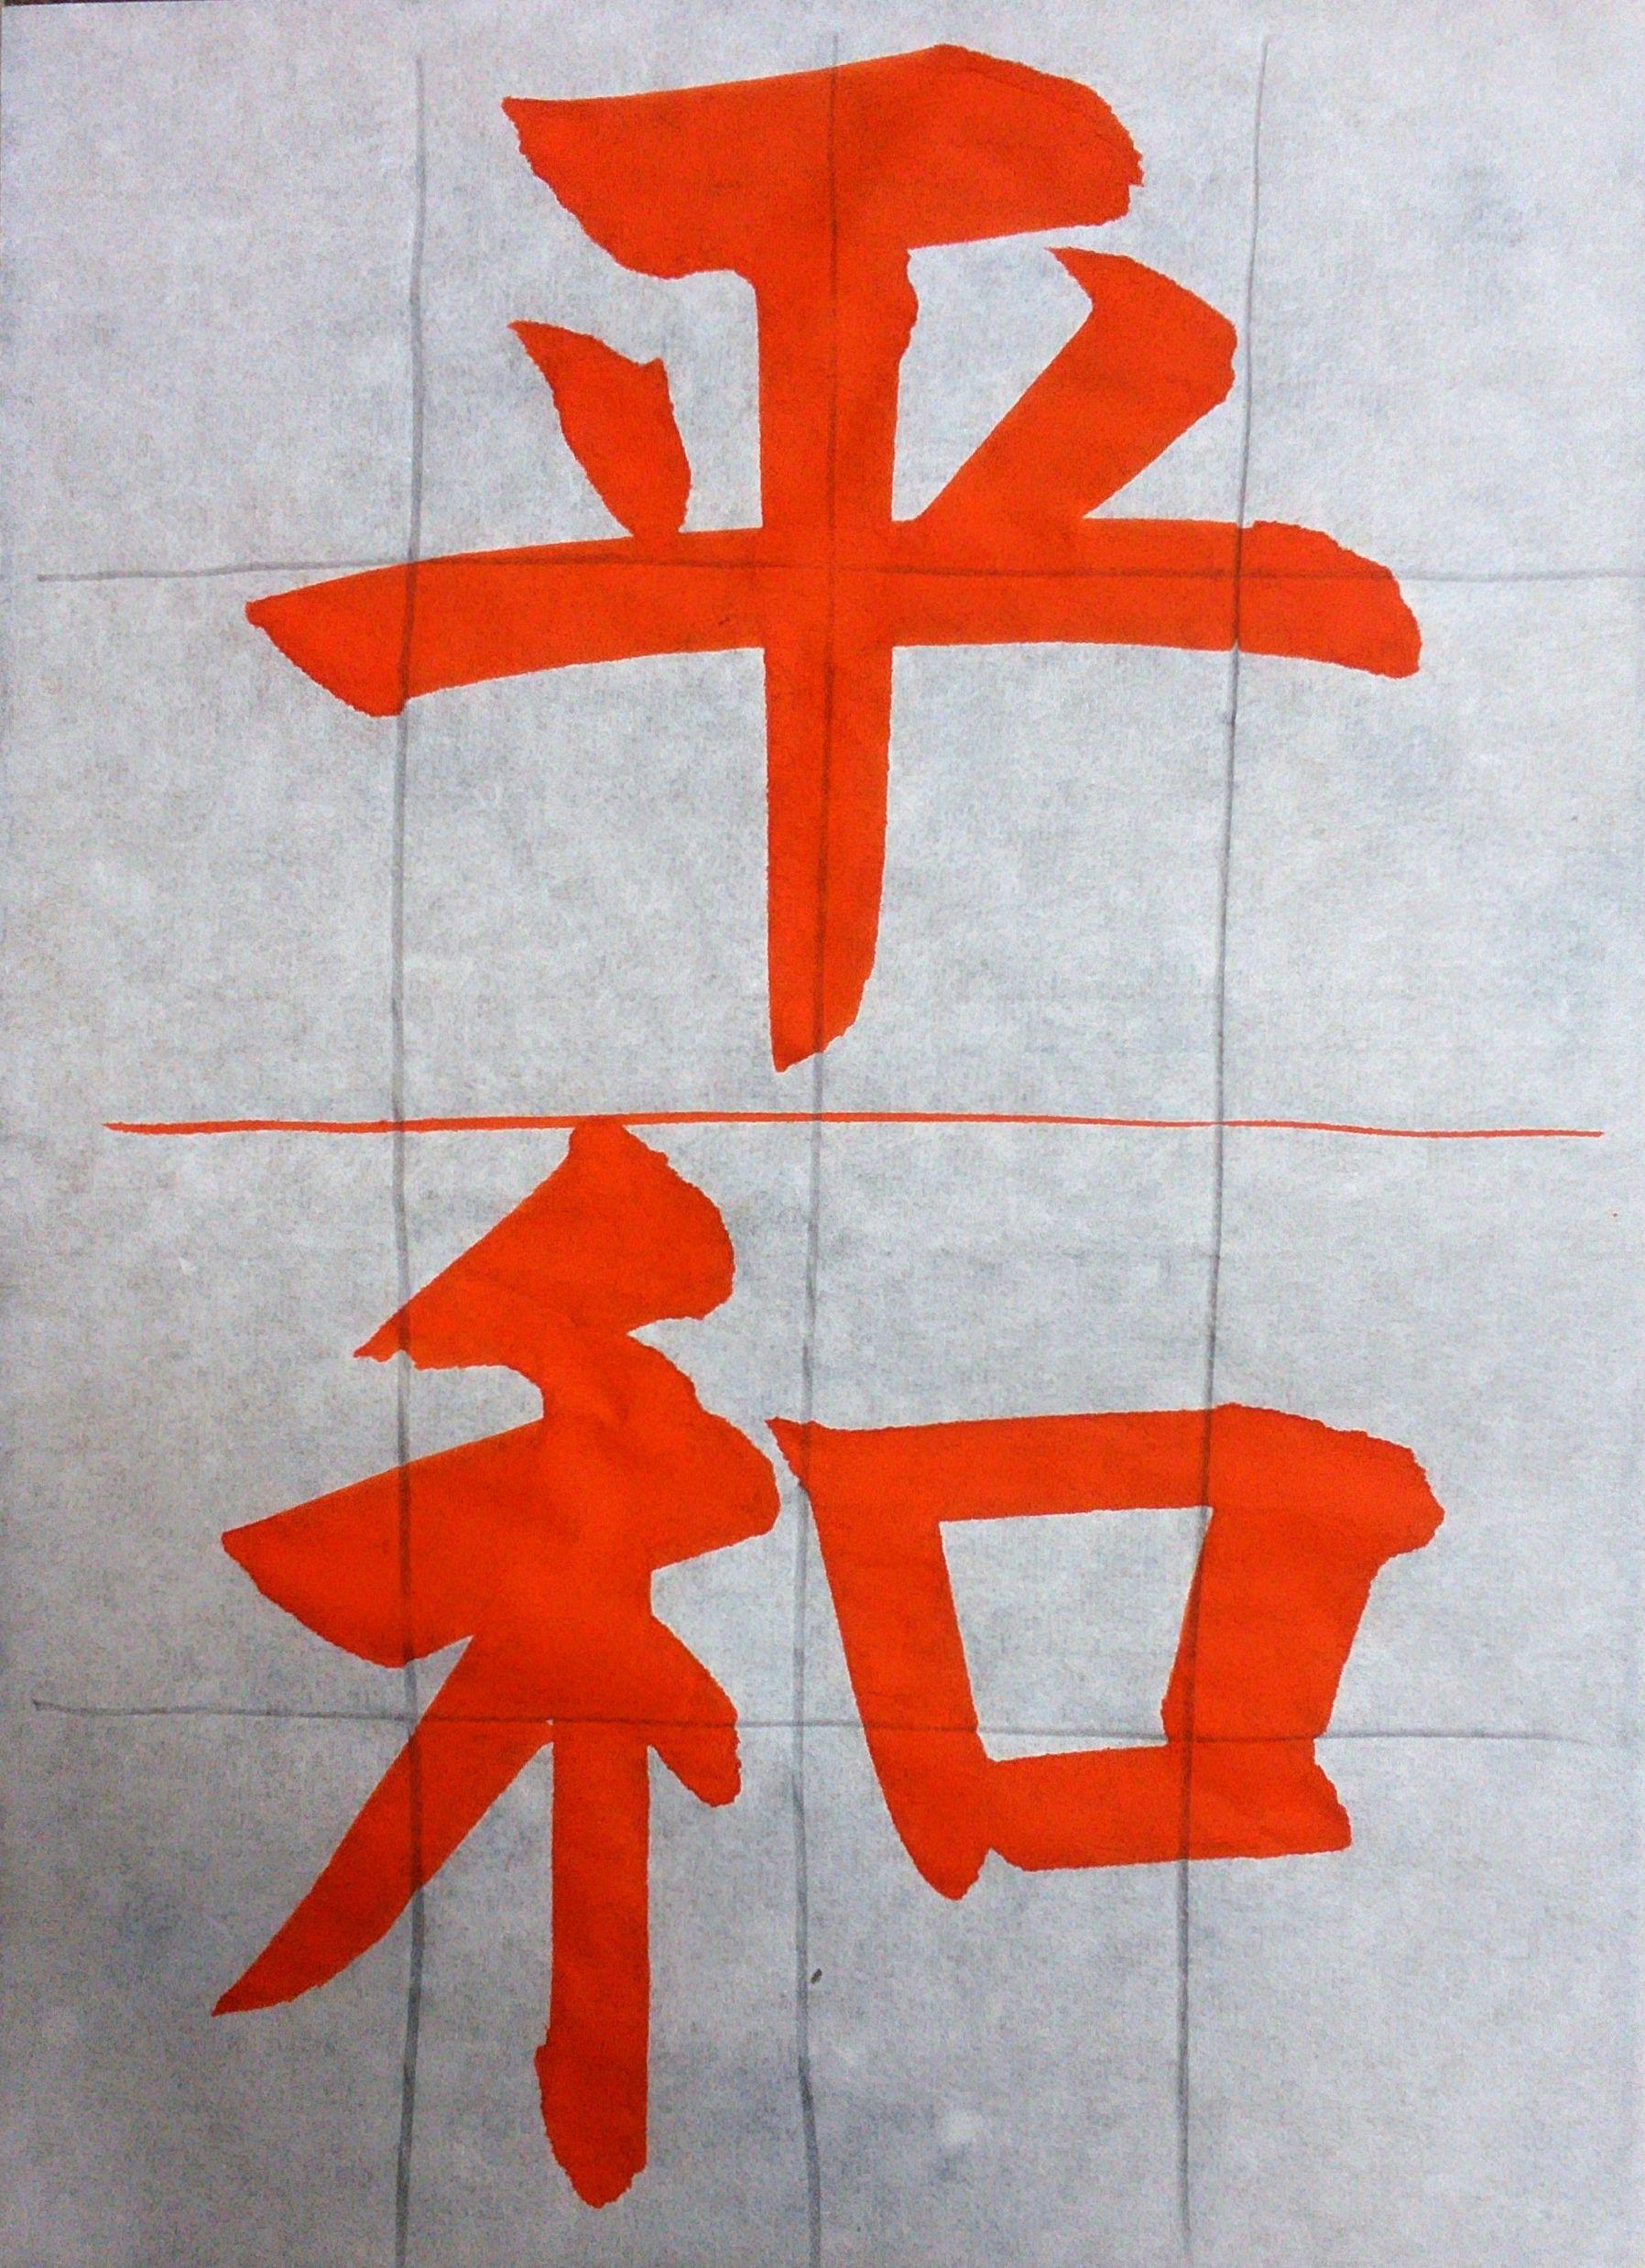 夏休み自由研究 習字課題 小5・小6